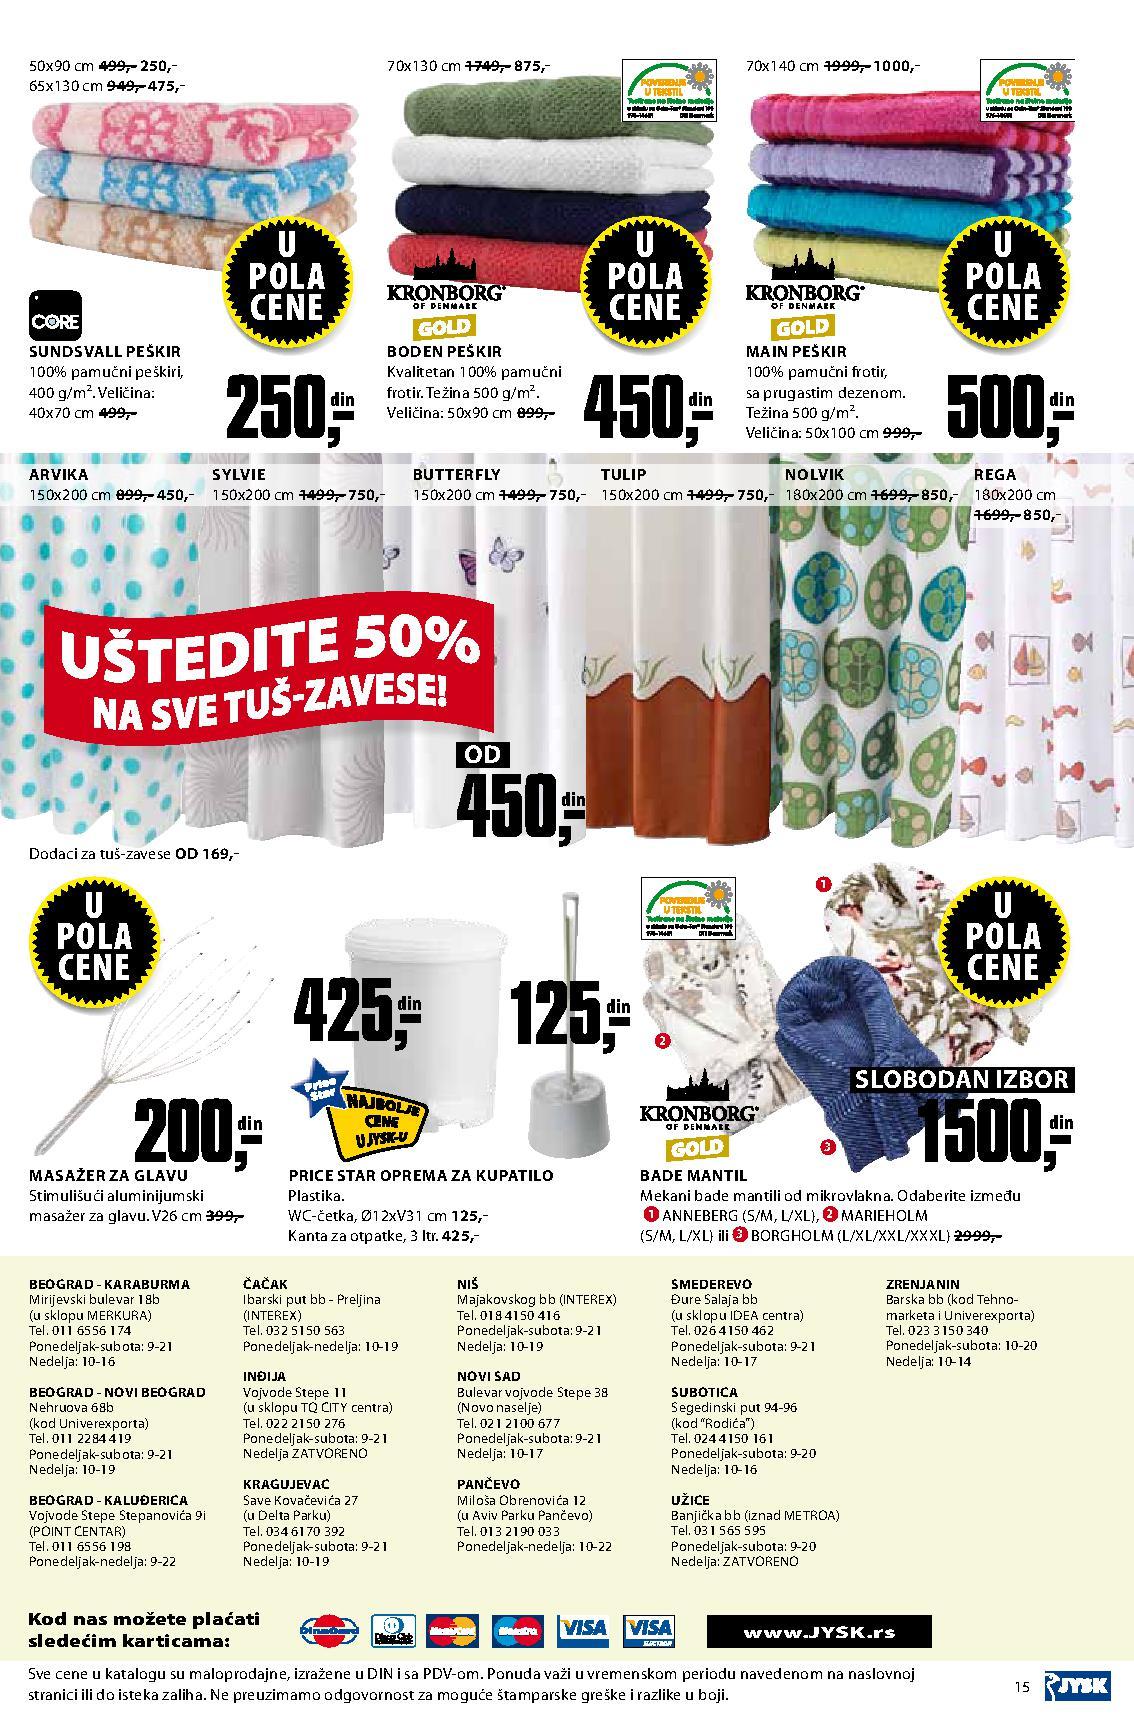 JYSK Katalog za vaš dom